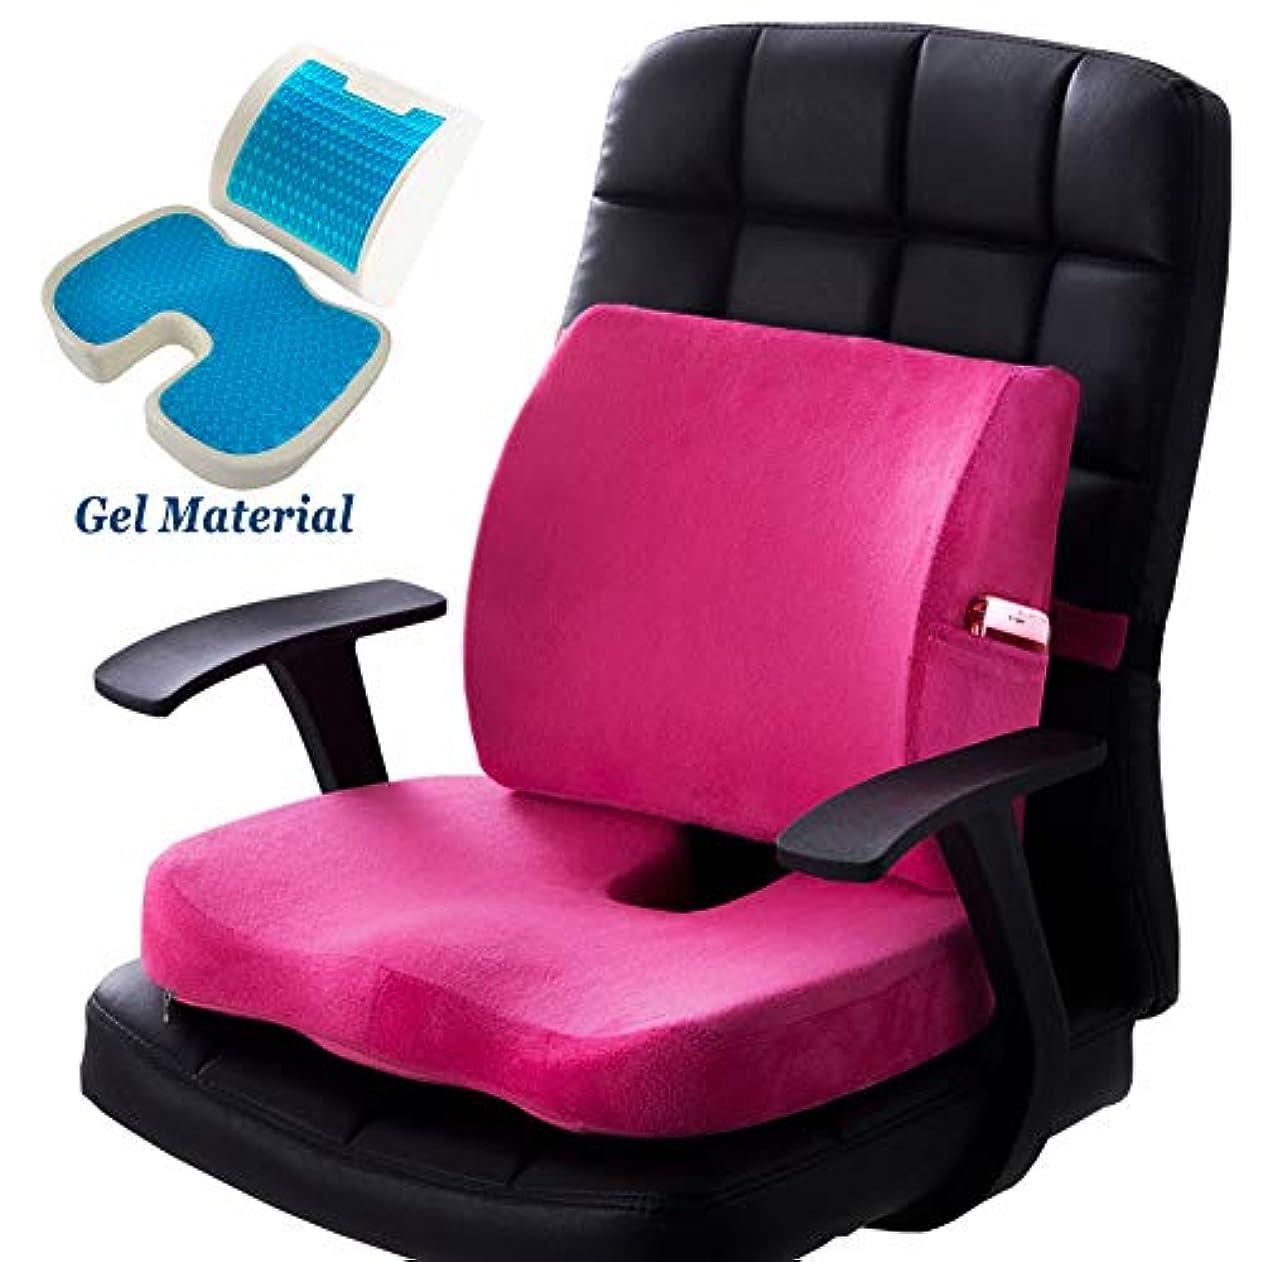 勝者闘争整理するシートクッションと腰用クッションセット,ファッション低反発フォーム/ジェルサポートバッククッション、洗えるカバー、坐骨神経痛の痛みを軽減,PinkPlush,Gel